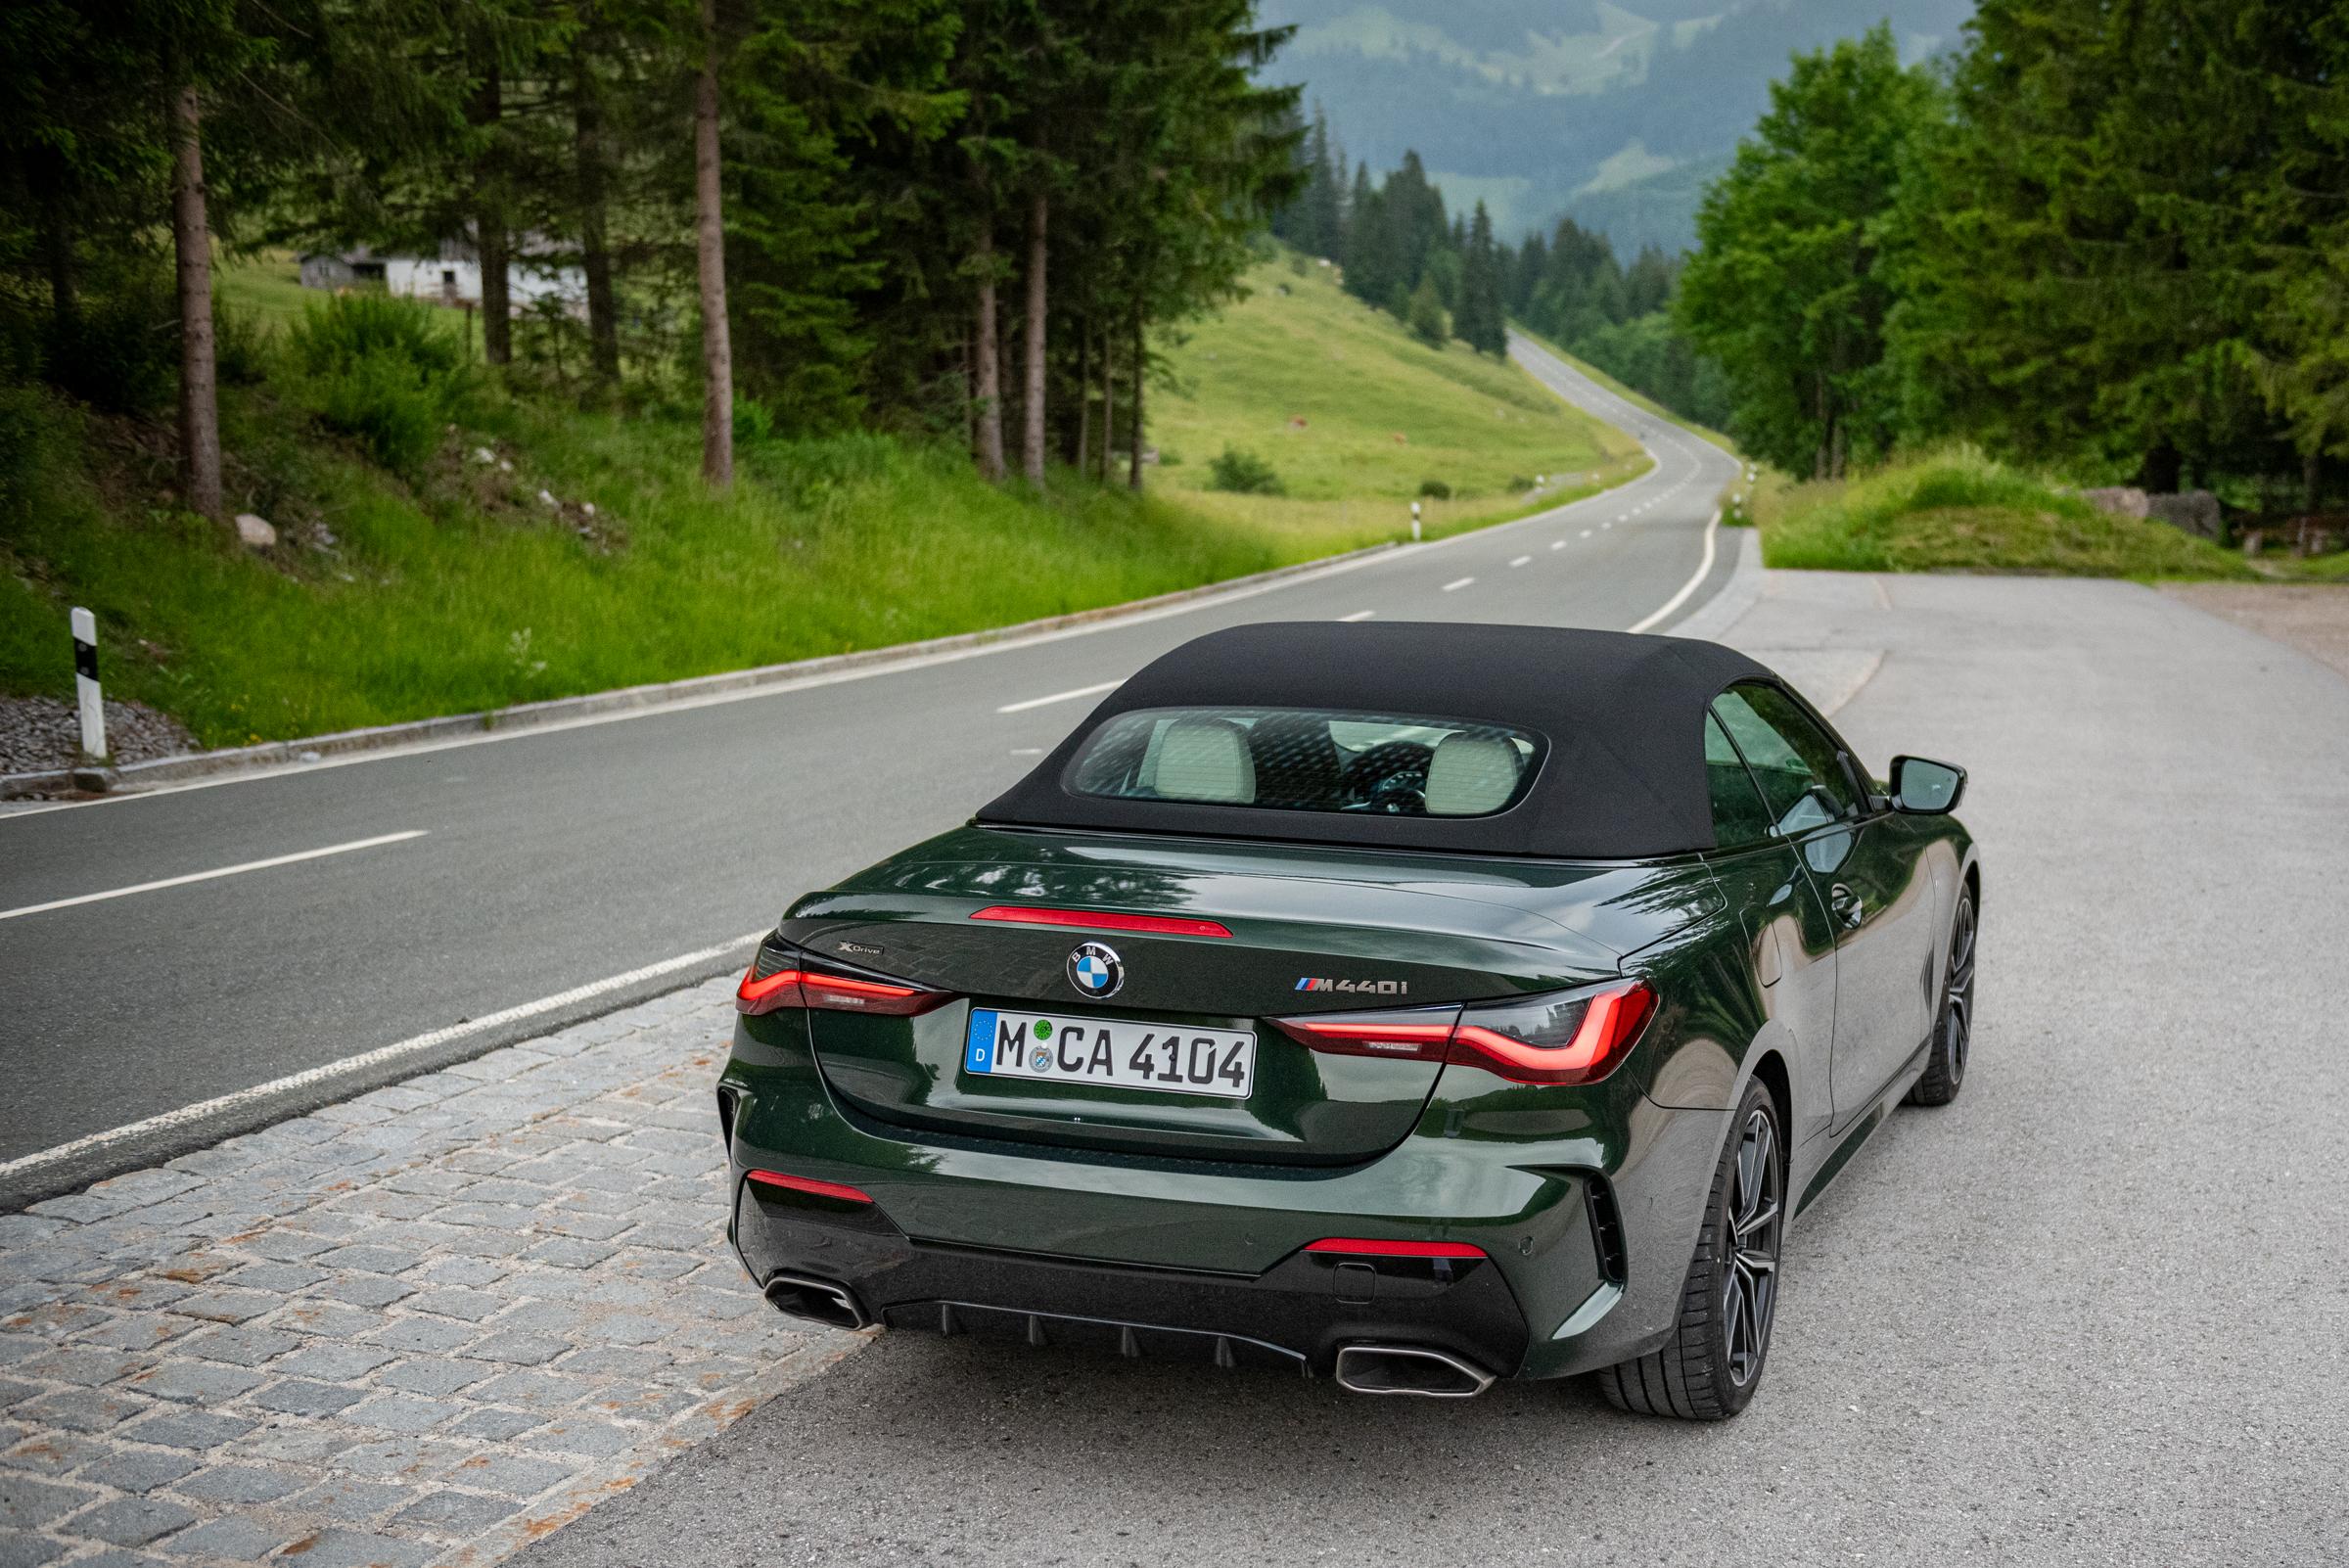 BMW-M440i-xDrive-Cabrio-Rear-Side-Closed